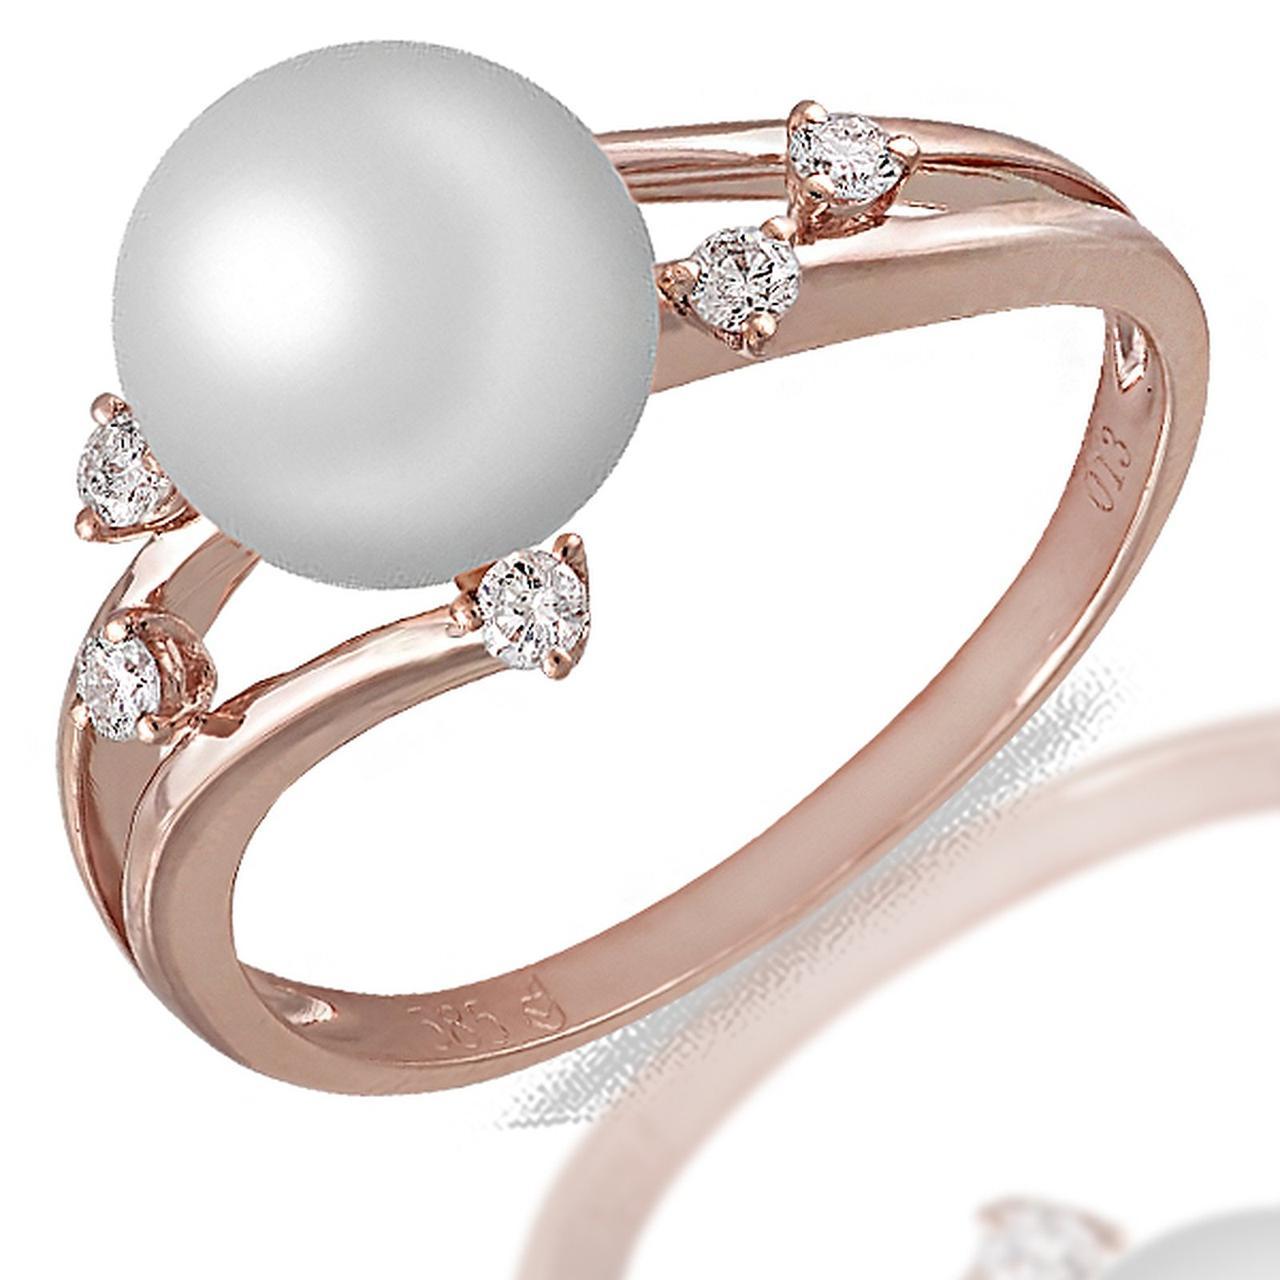 Золотое кольцо с бриллиантами и жемчугом (пресноводным), размер 16.5 (057505)